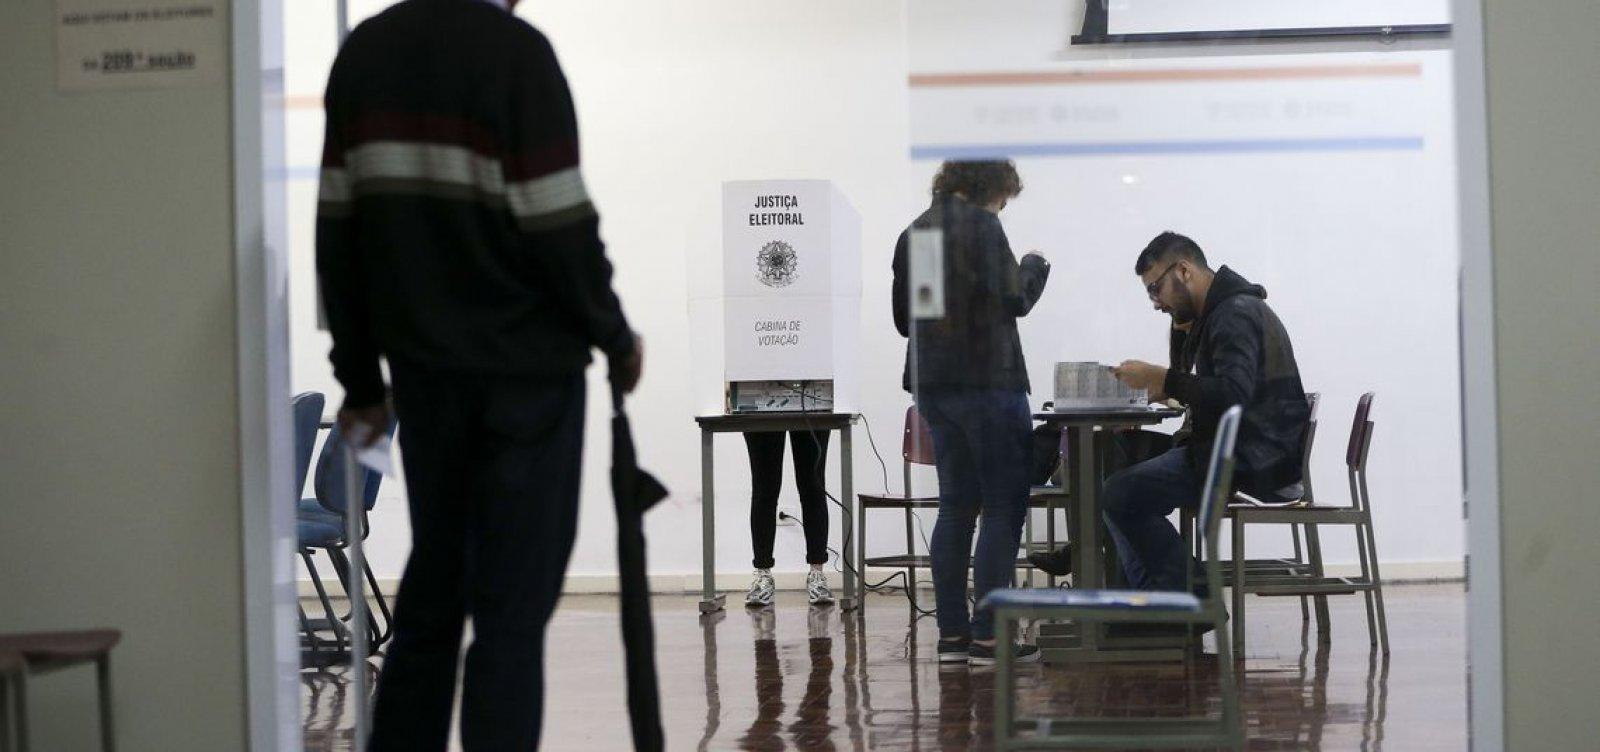 Eleitor que não votou no primeiro turno pode votar no segundo